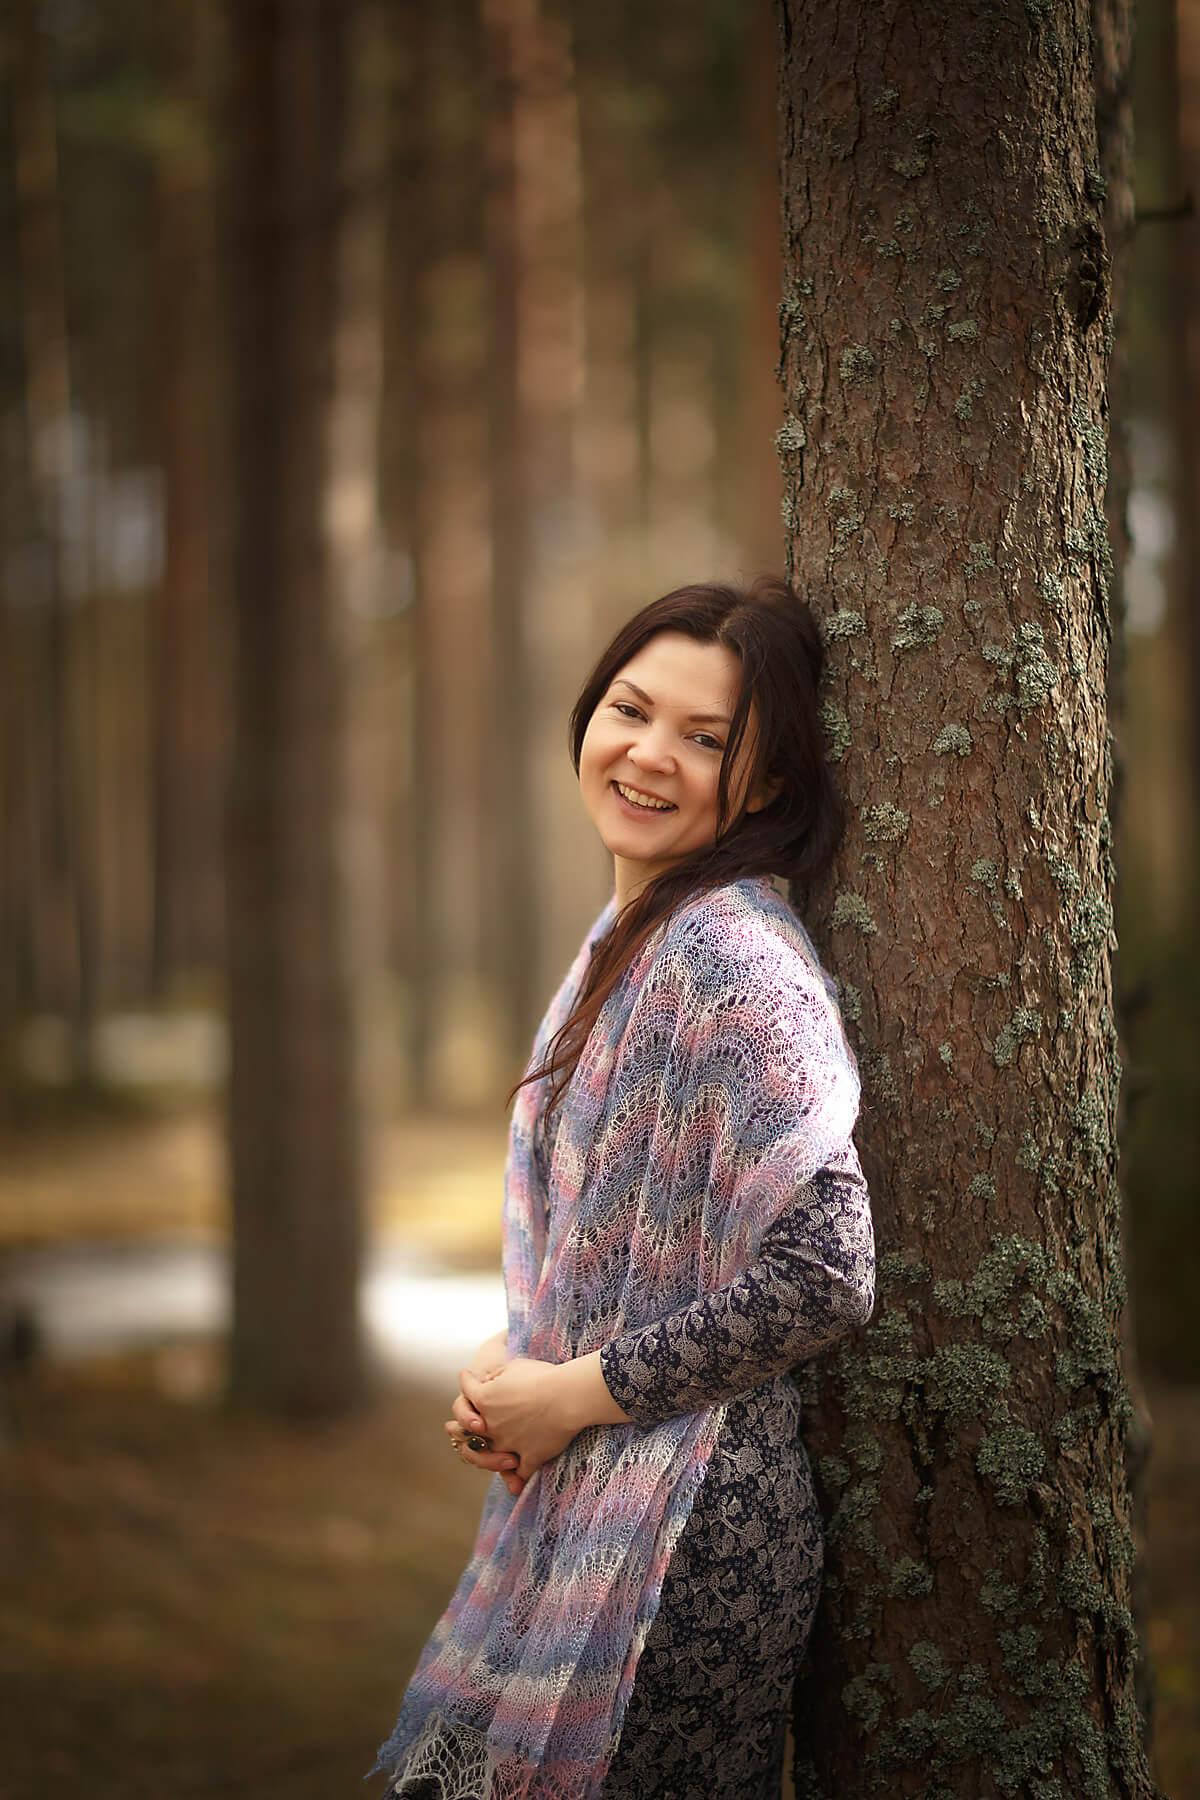 Зачем перцептологам тайский массаж